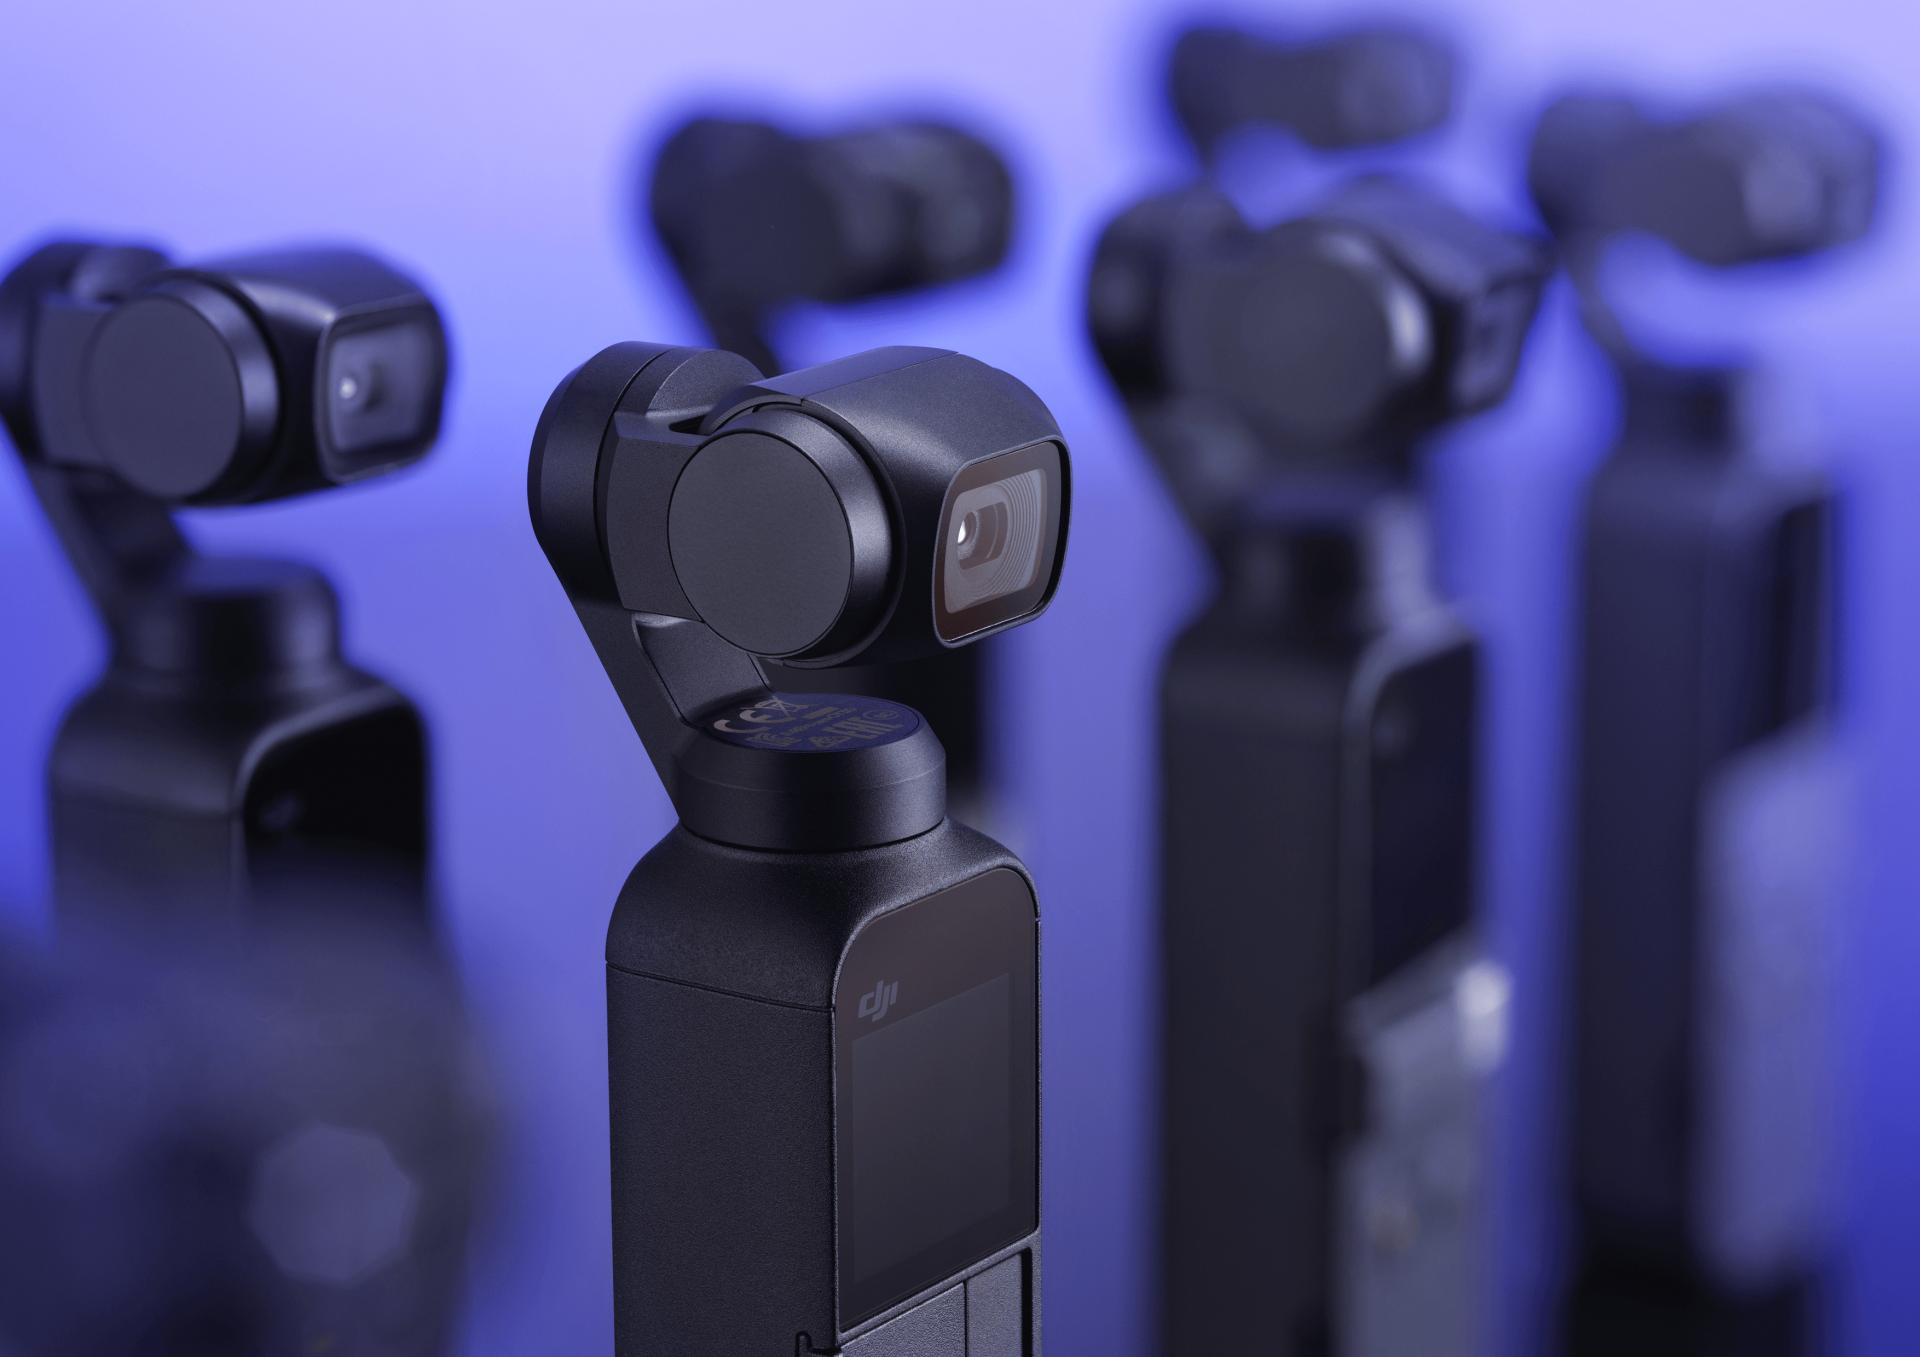 Osmo pocket heroshot 5 purple - DJI surpreende com Osmo Pocket, uma câmera de bolso